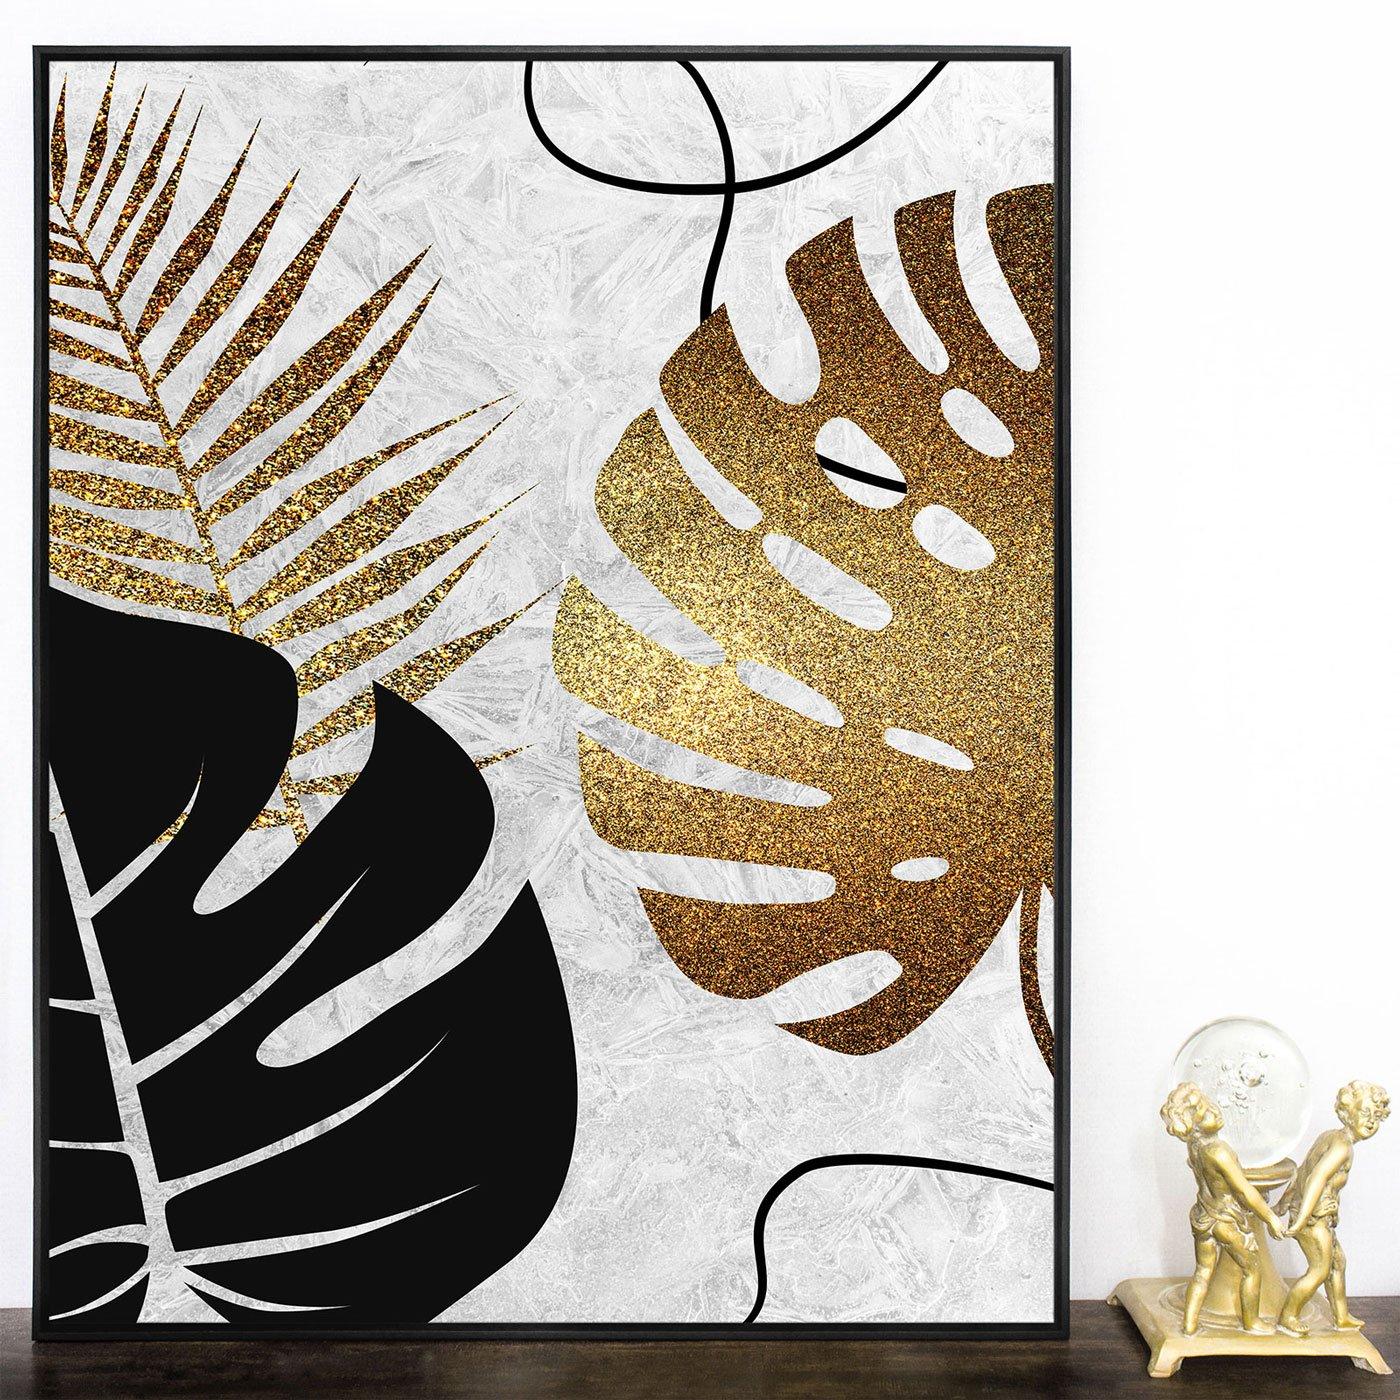 Quadro Decorativo de Folhas Tela Canvas com Moldura 70x90 cm